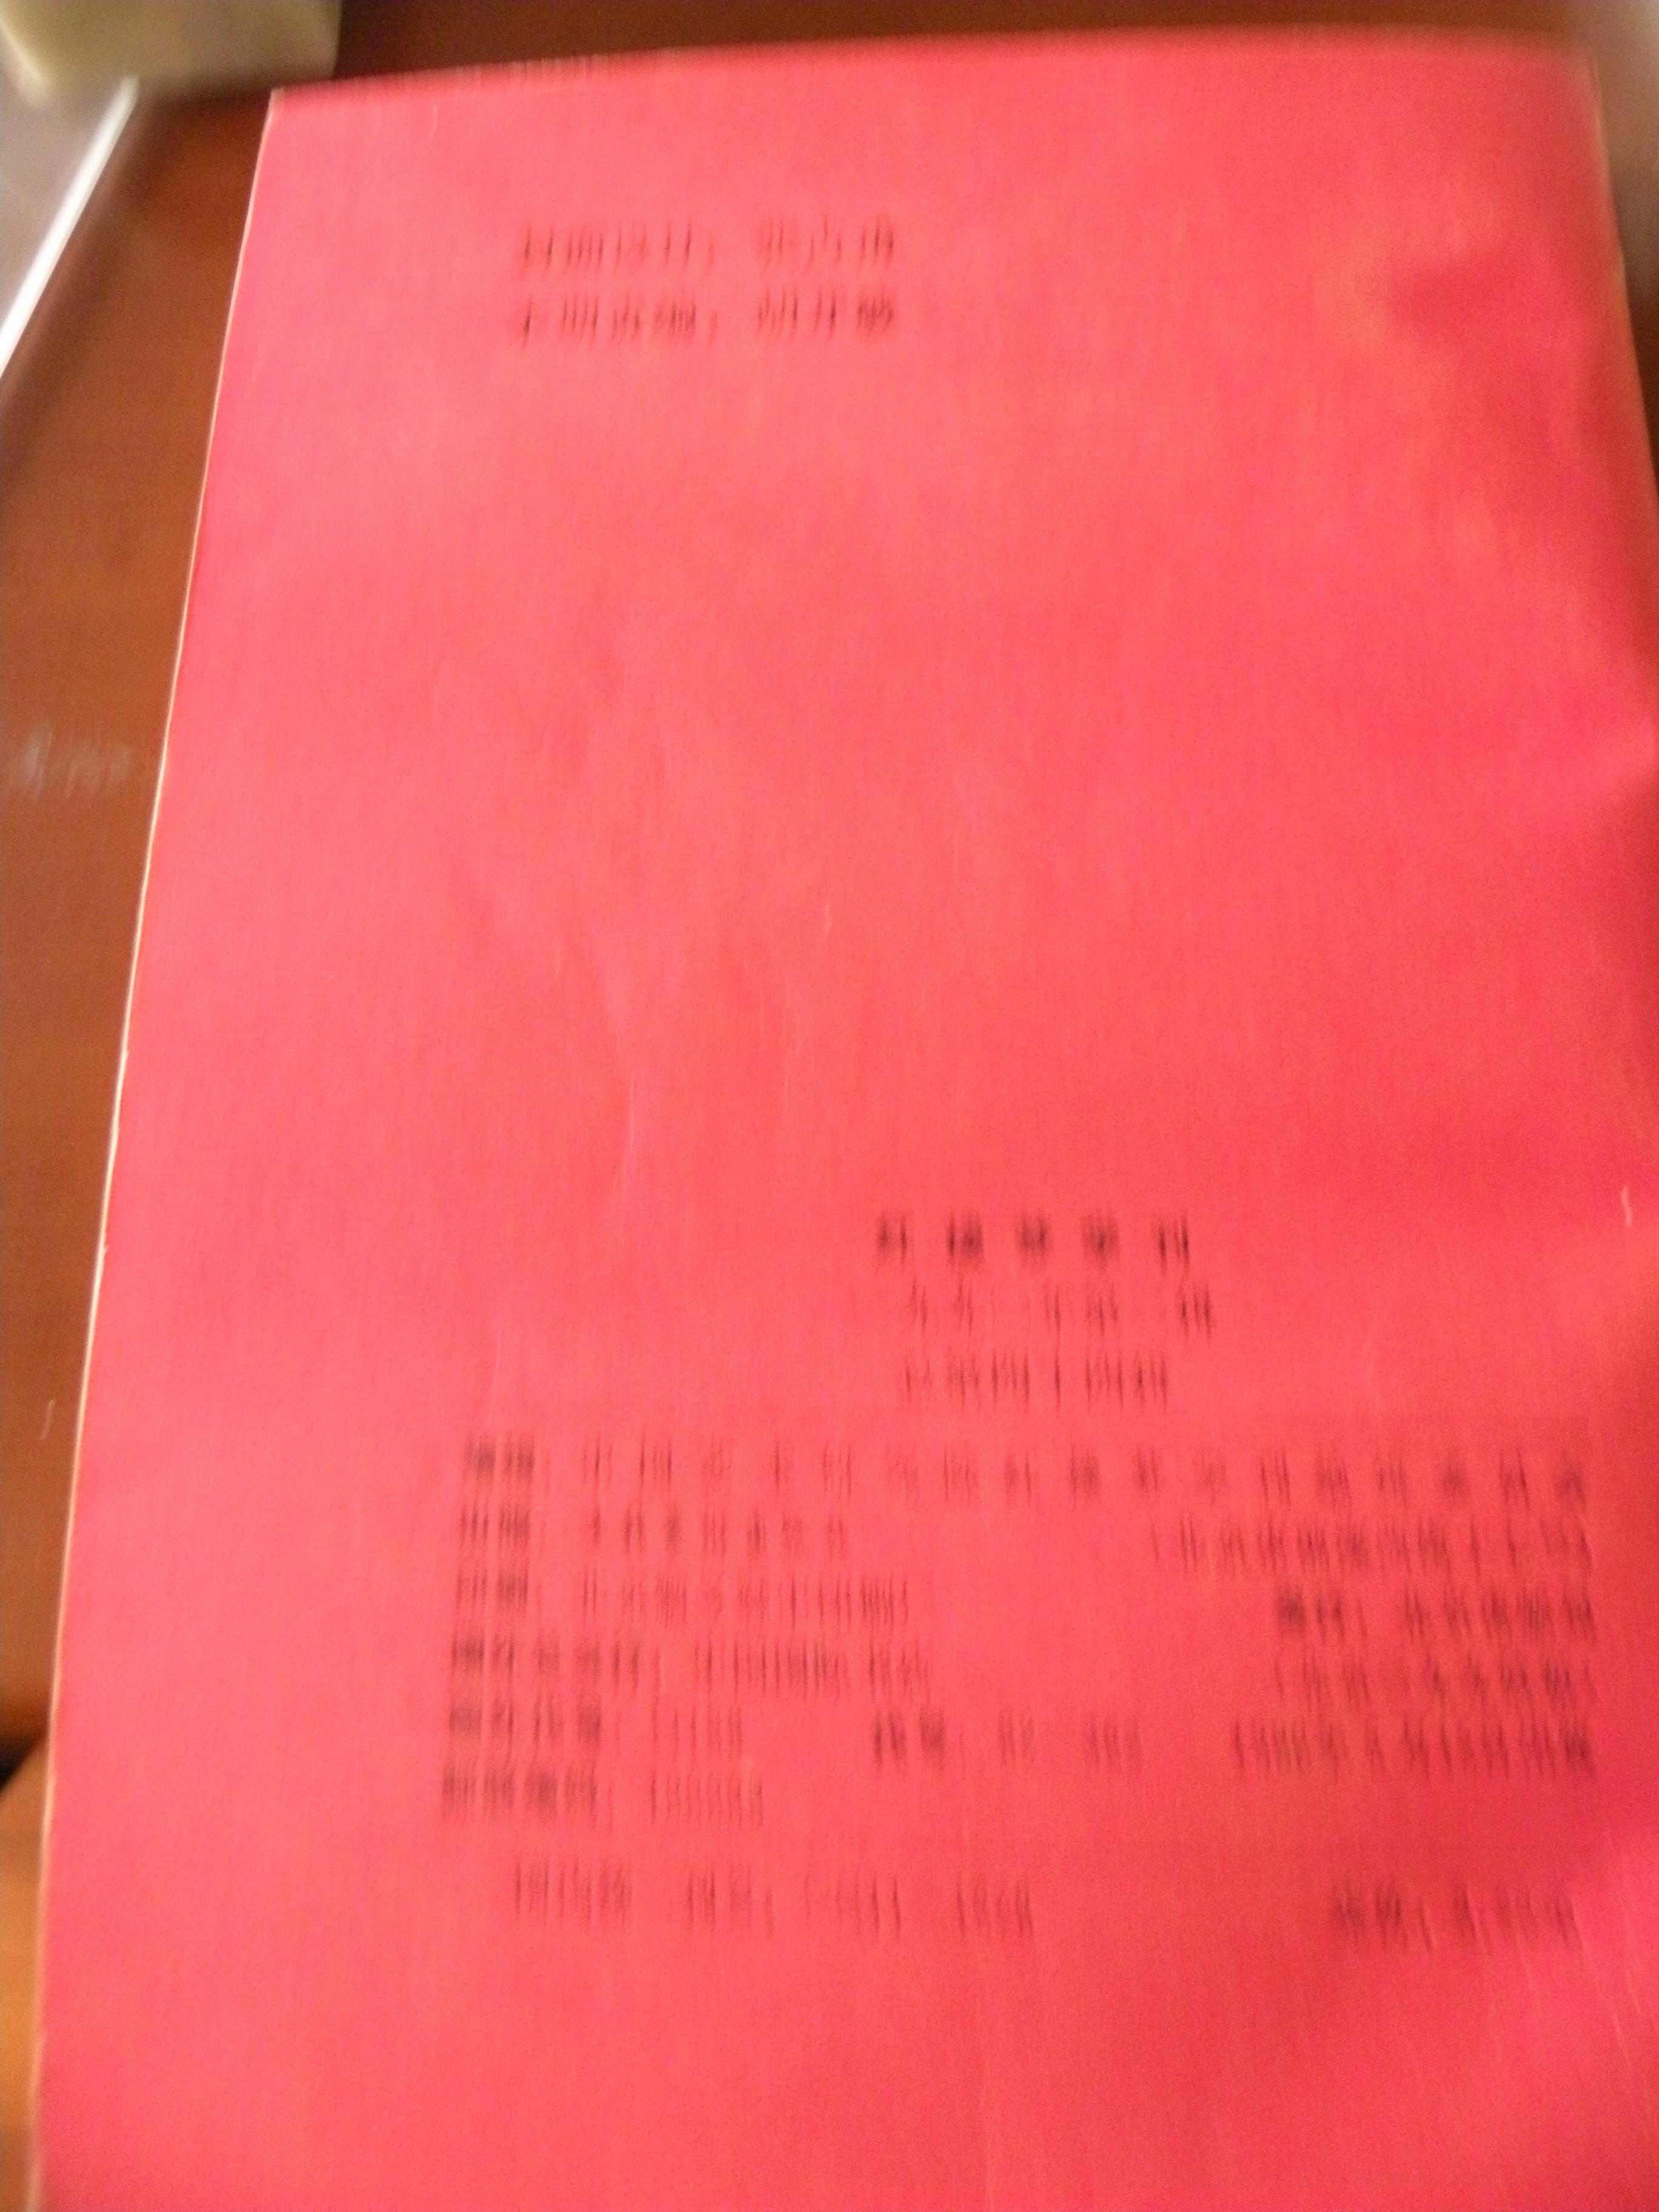 DSCN9375.JPG